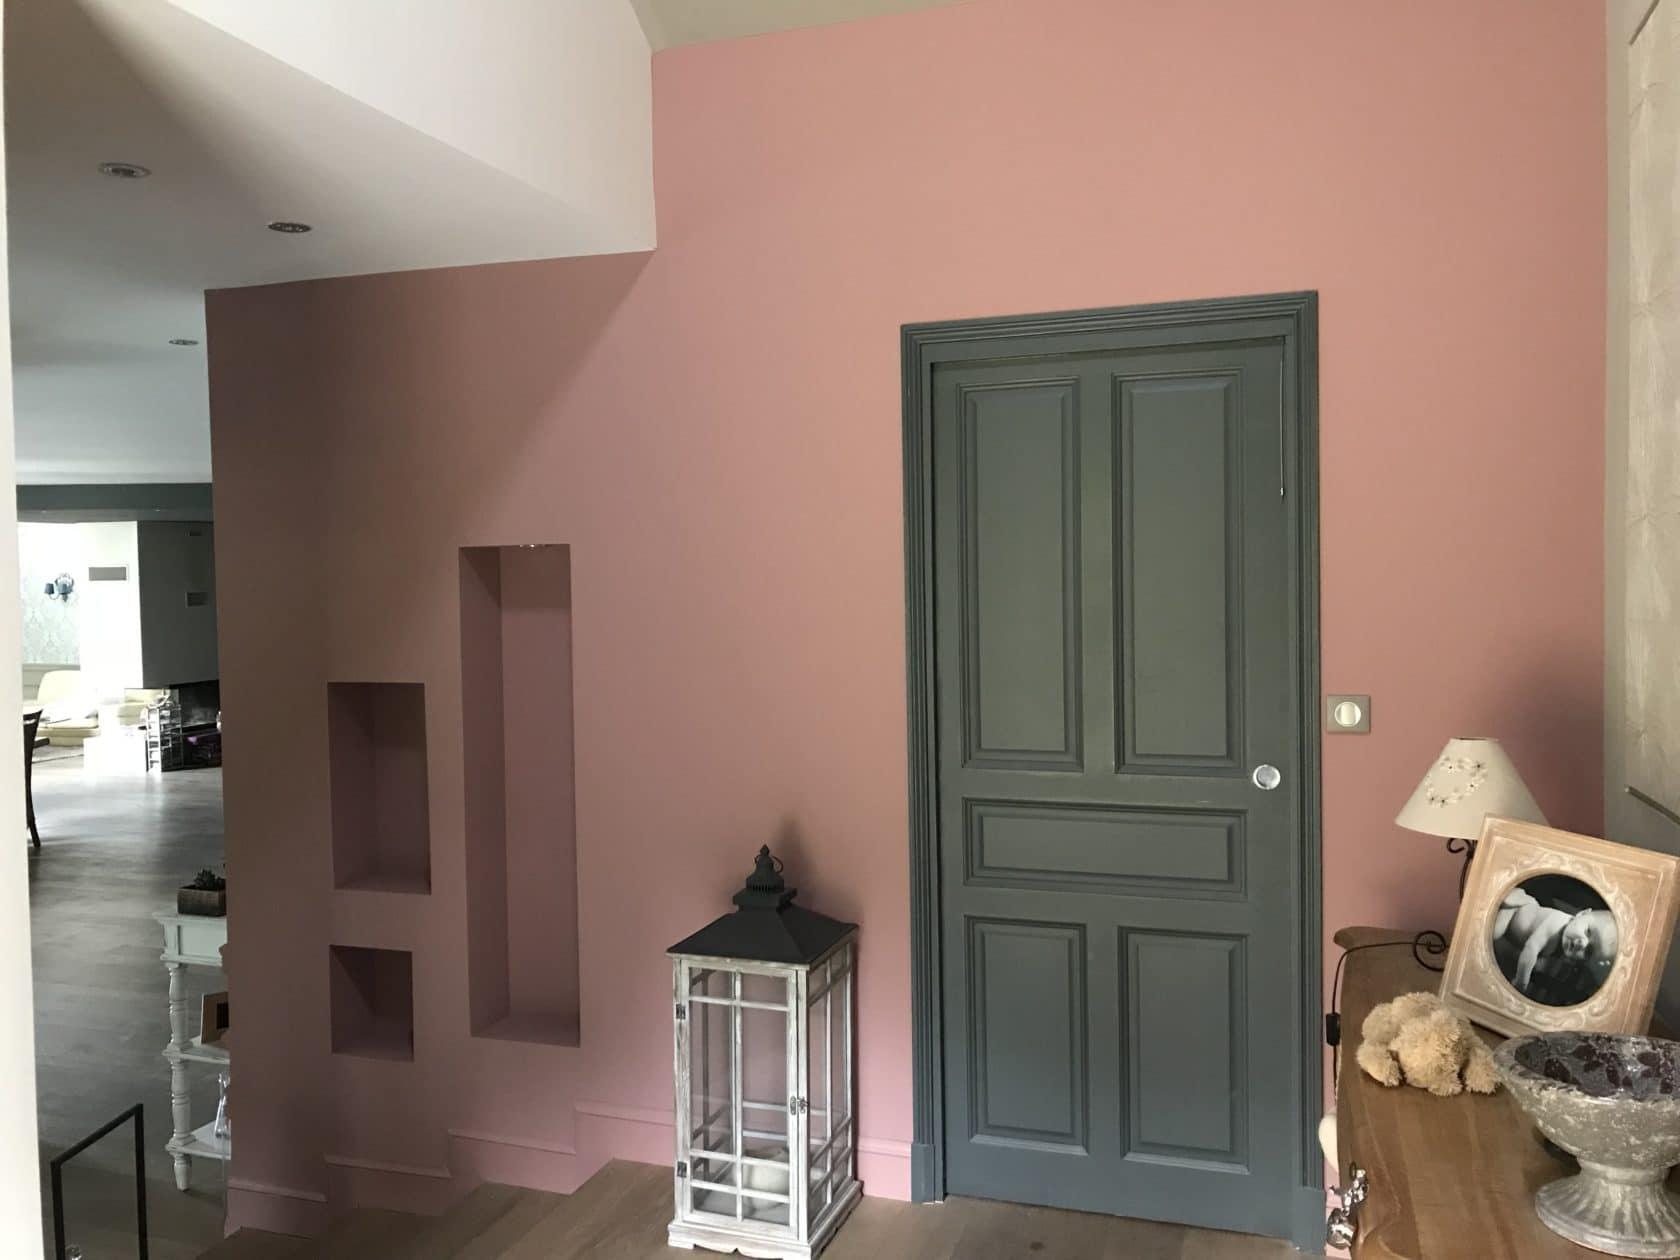 img 7059 l 39 atelier des couleursl 39 atelier des couleurs. Black Bedroom Furniture Sets. Home Design Ideas